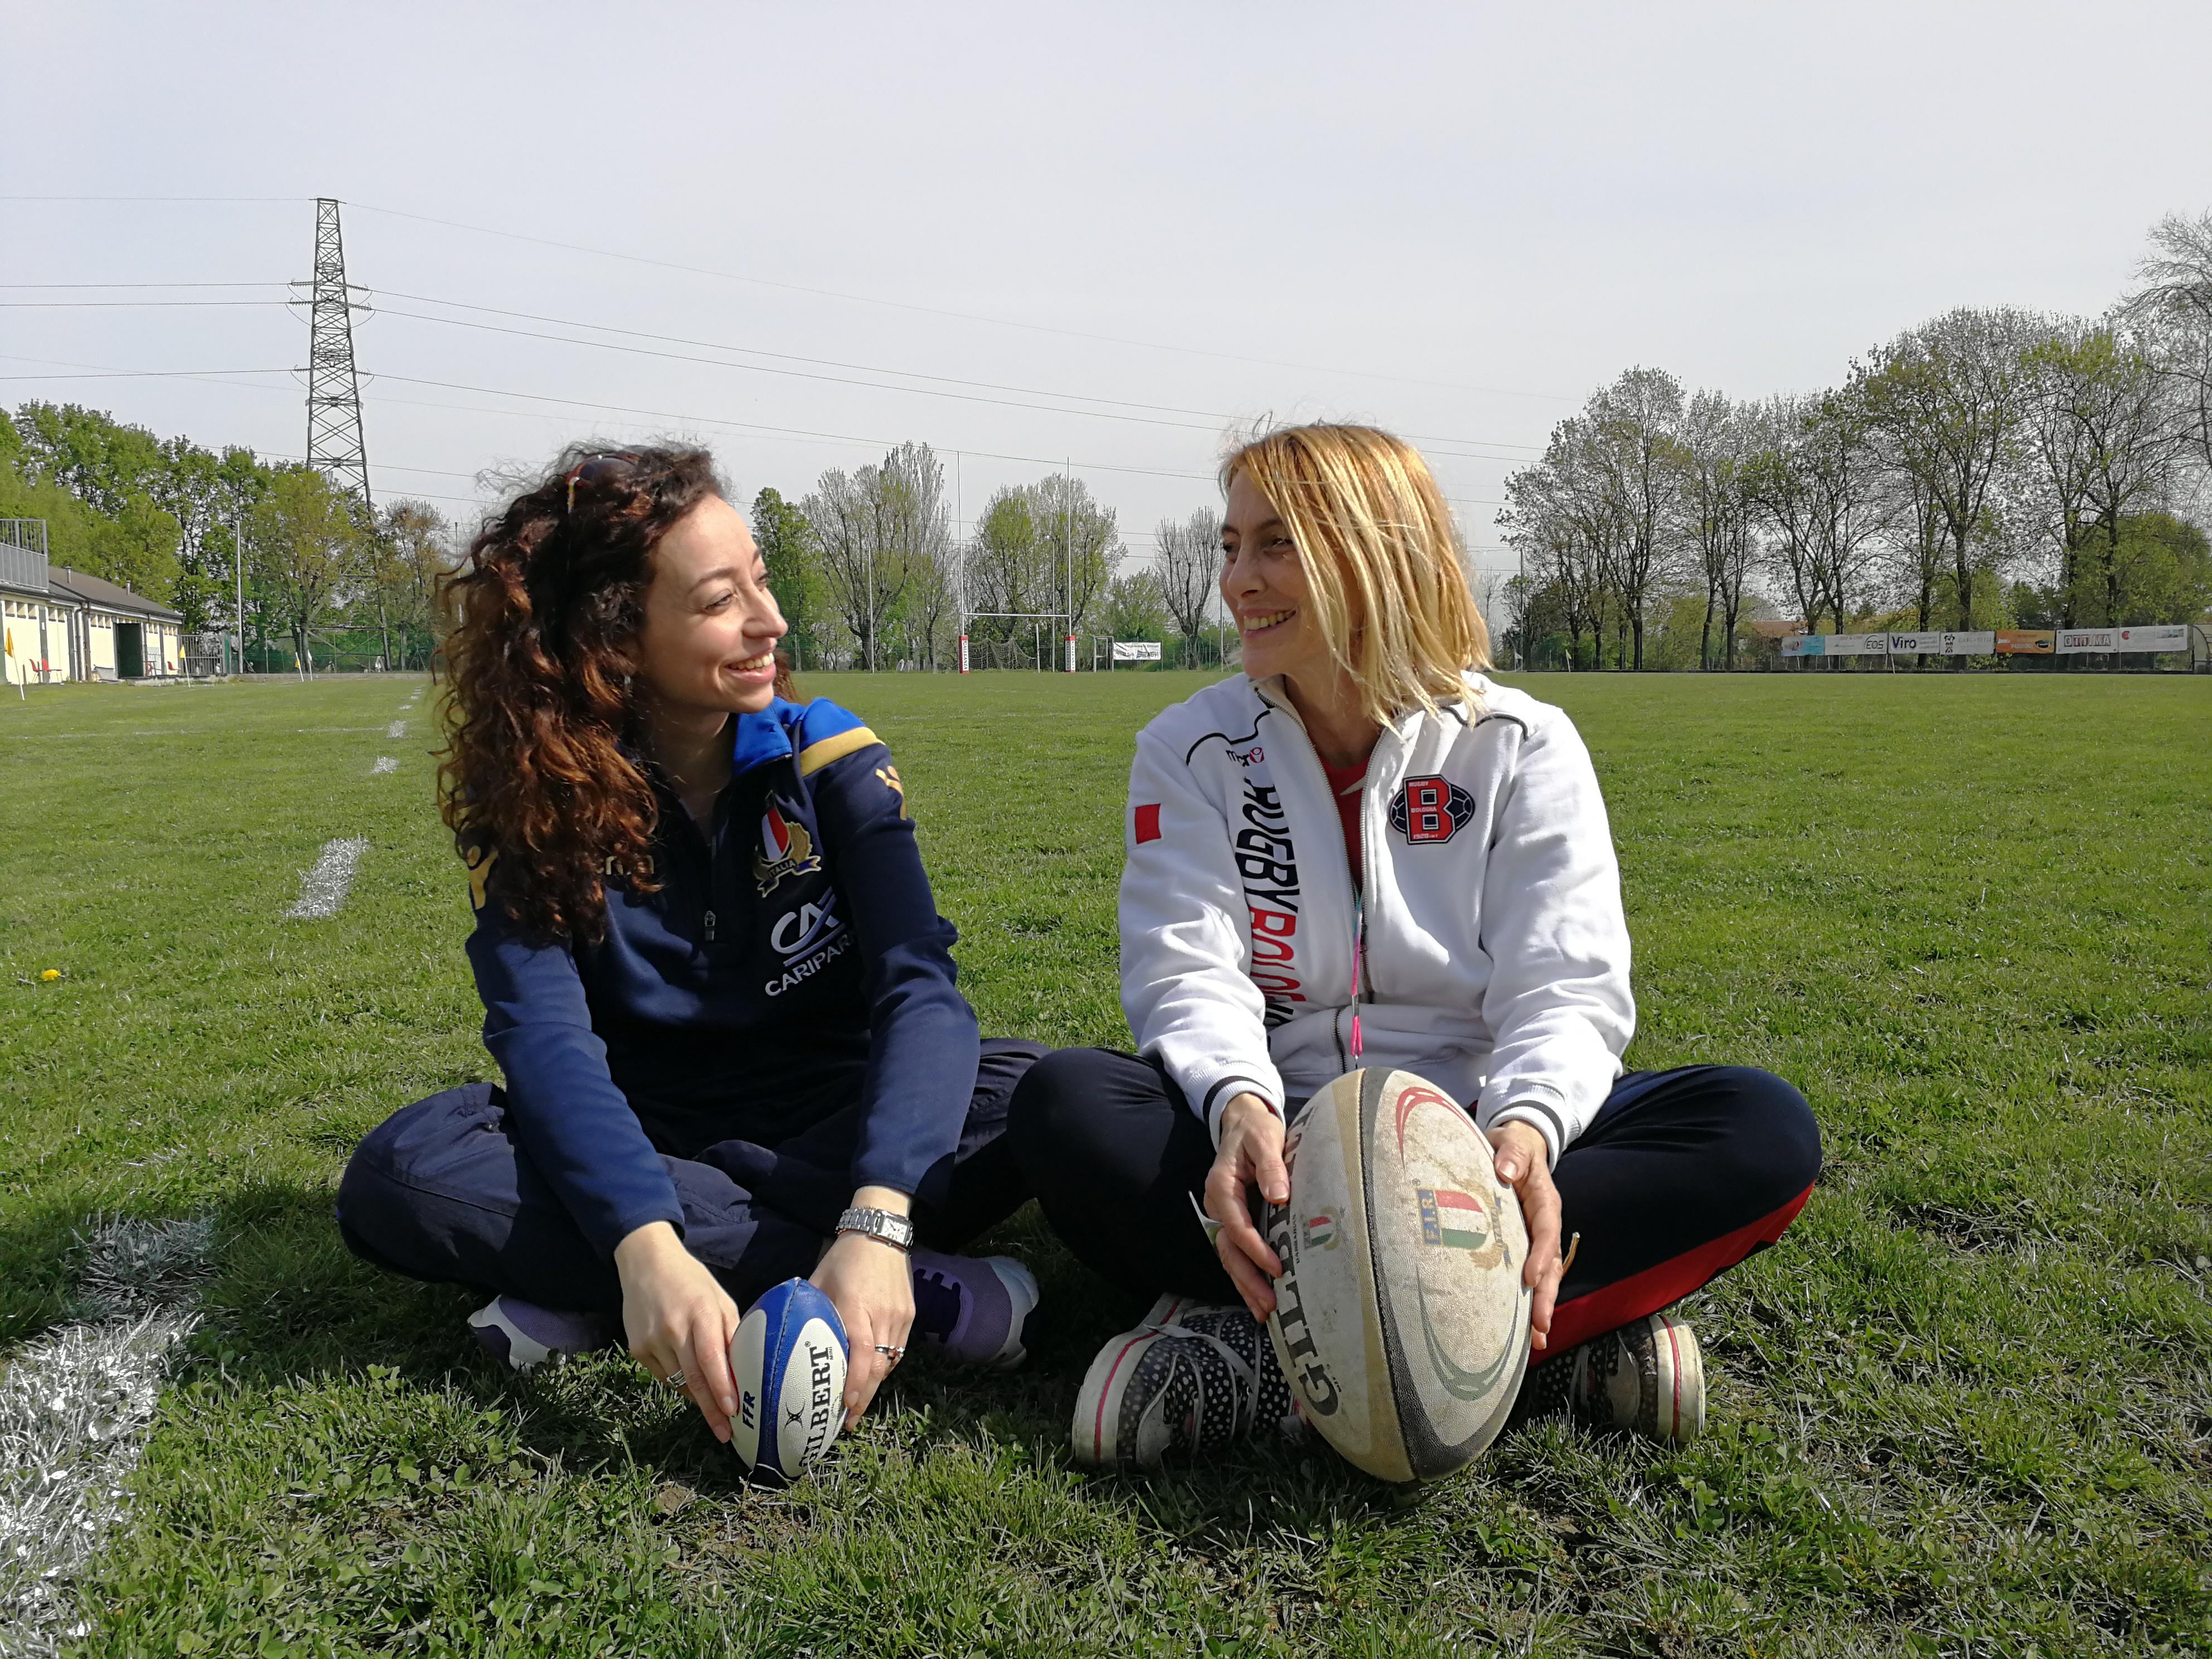 Elisabetta ed Erika sedute sull'erba con un pallone da rugby